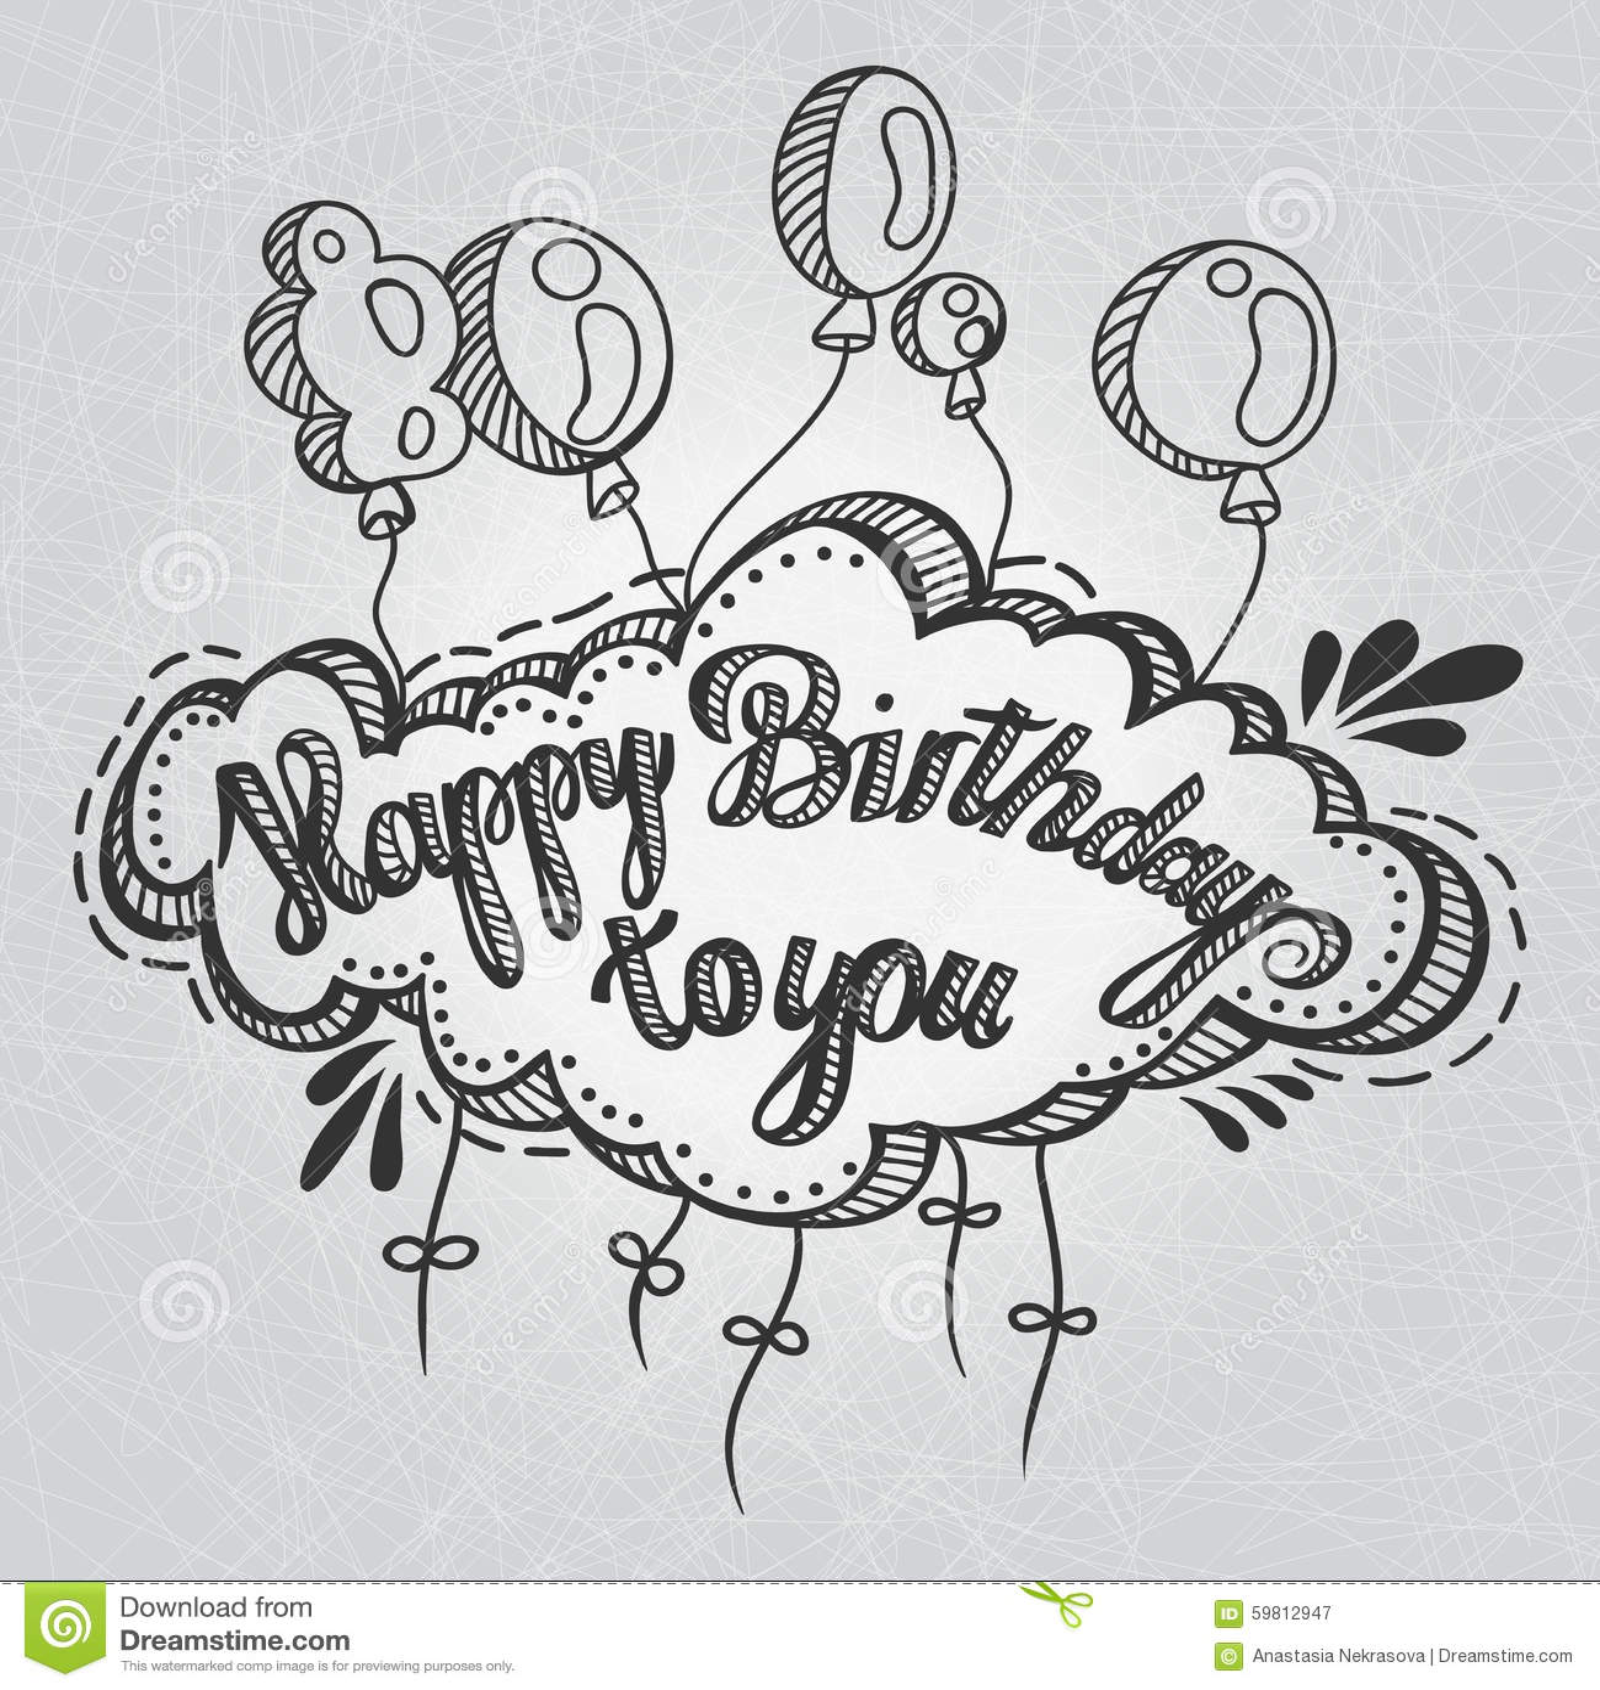 De Kaart Van De Groet Gelukkige Verjaardag Aan U De Tekening Van De